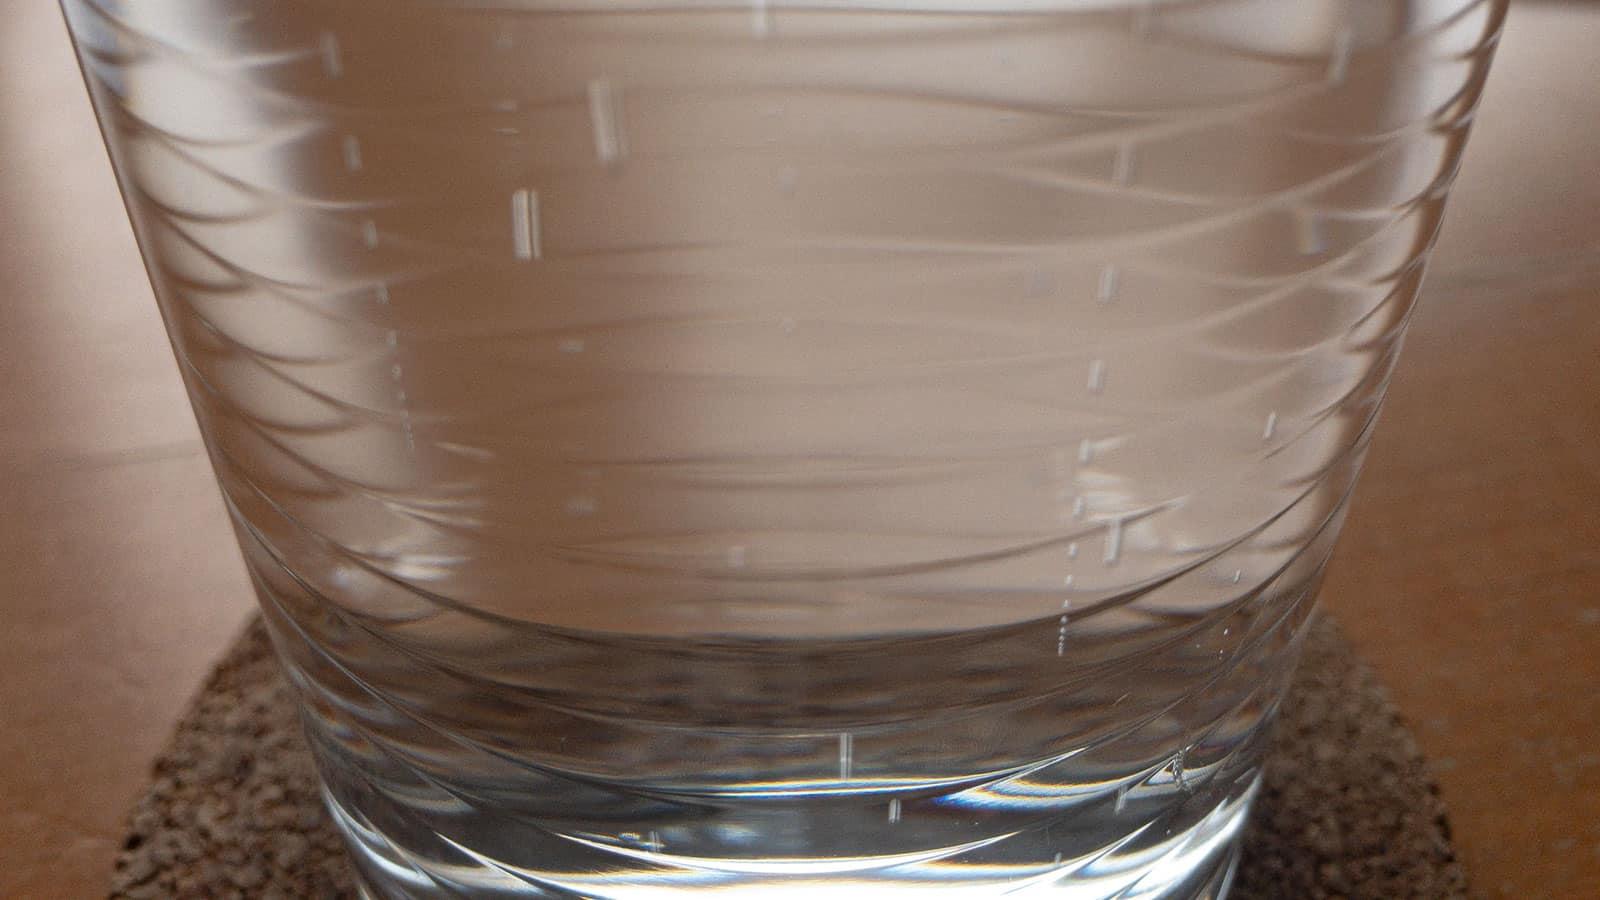 Kein strukturiertes Wasser